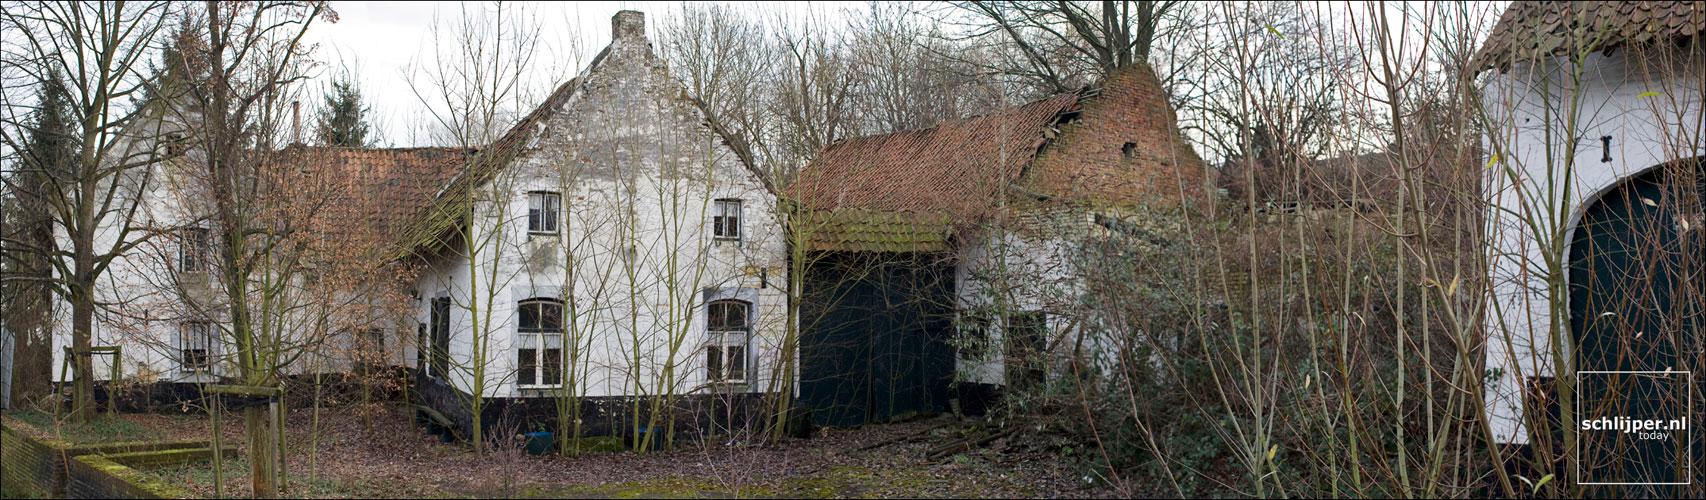 Nederland, Meerssen, 25 december 2007